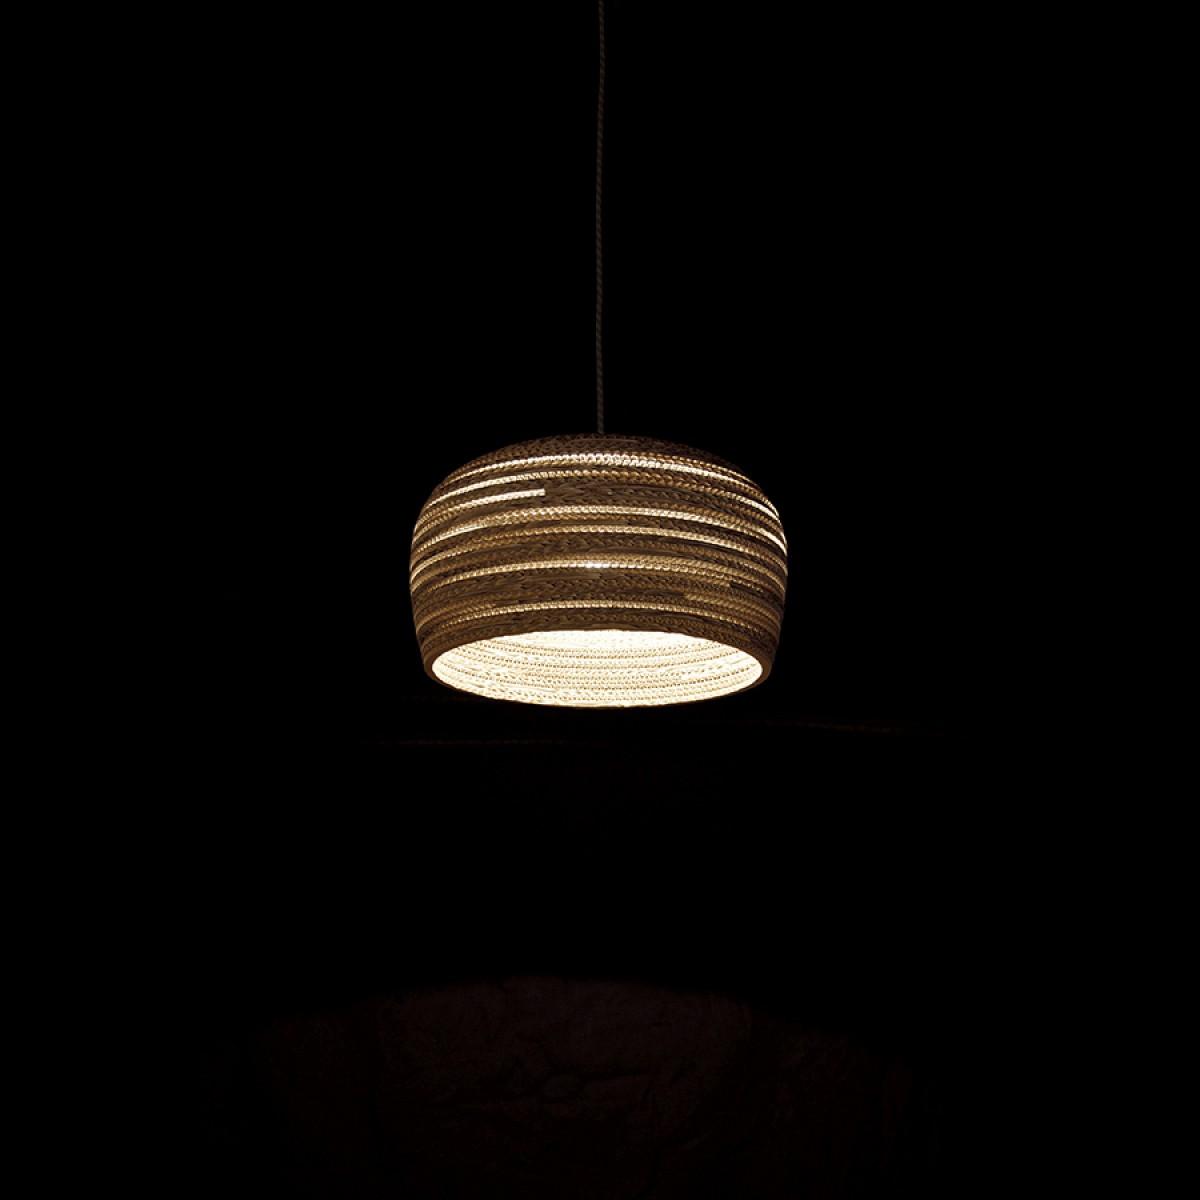 Cardboard lampshade, n8 - Hängelampe